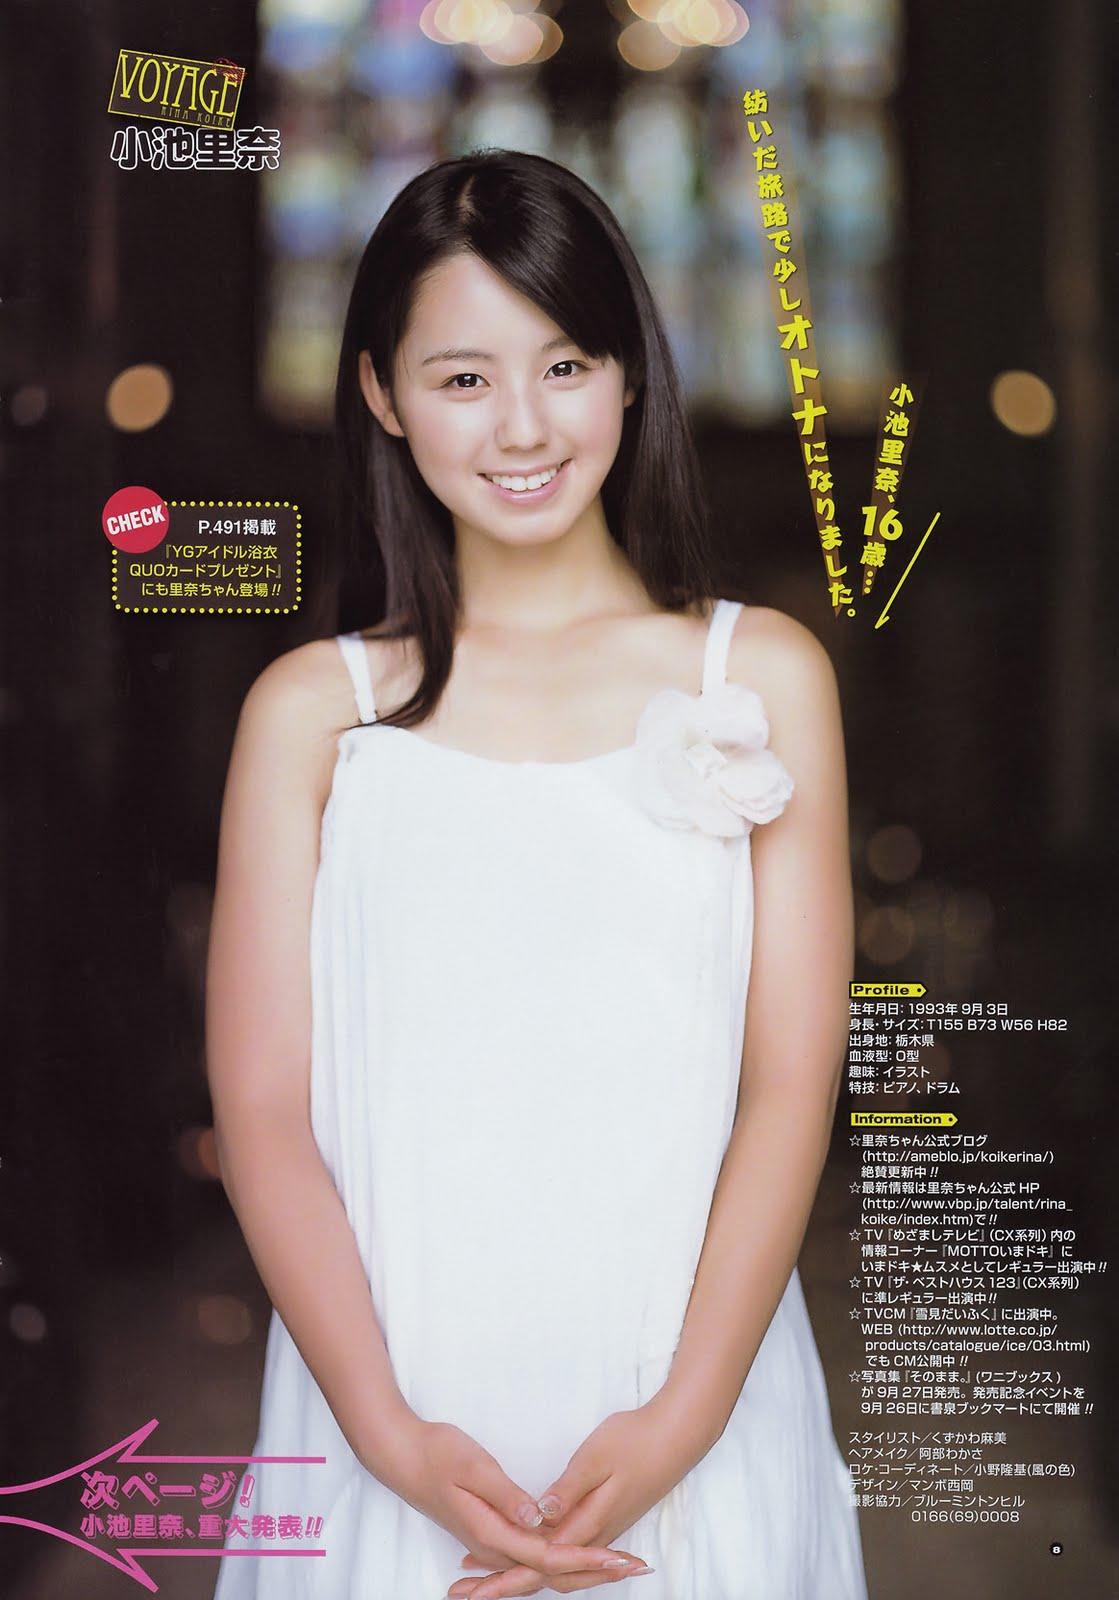 Dancing Girls Japanese Wallpaper Asian Hot Celebrity Rina Koike Wallpaper Girl Japan